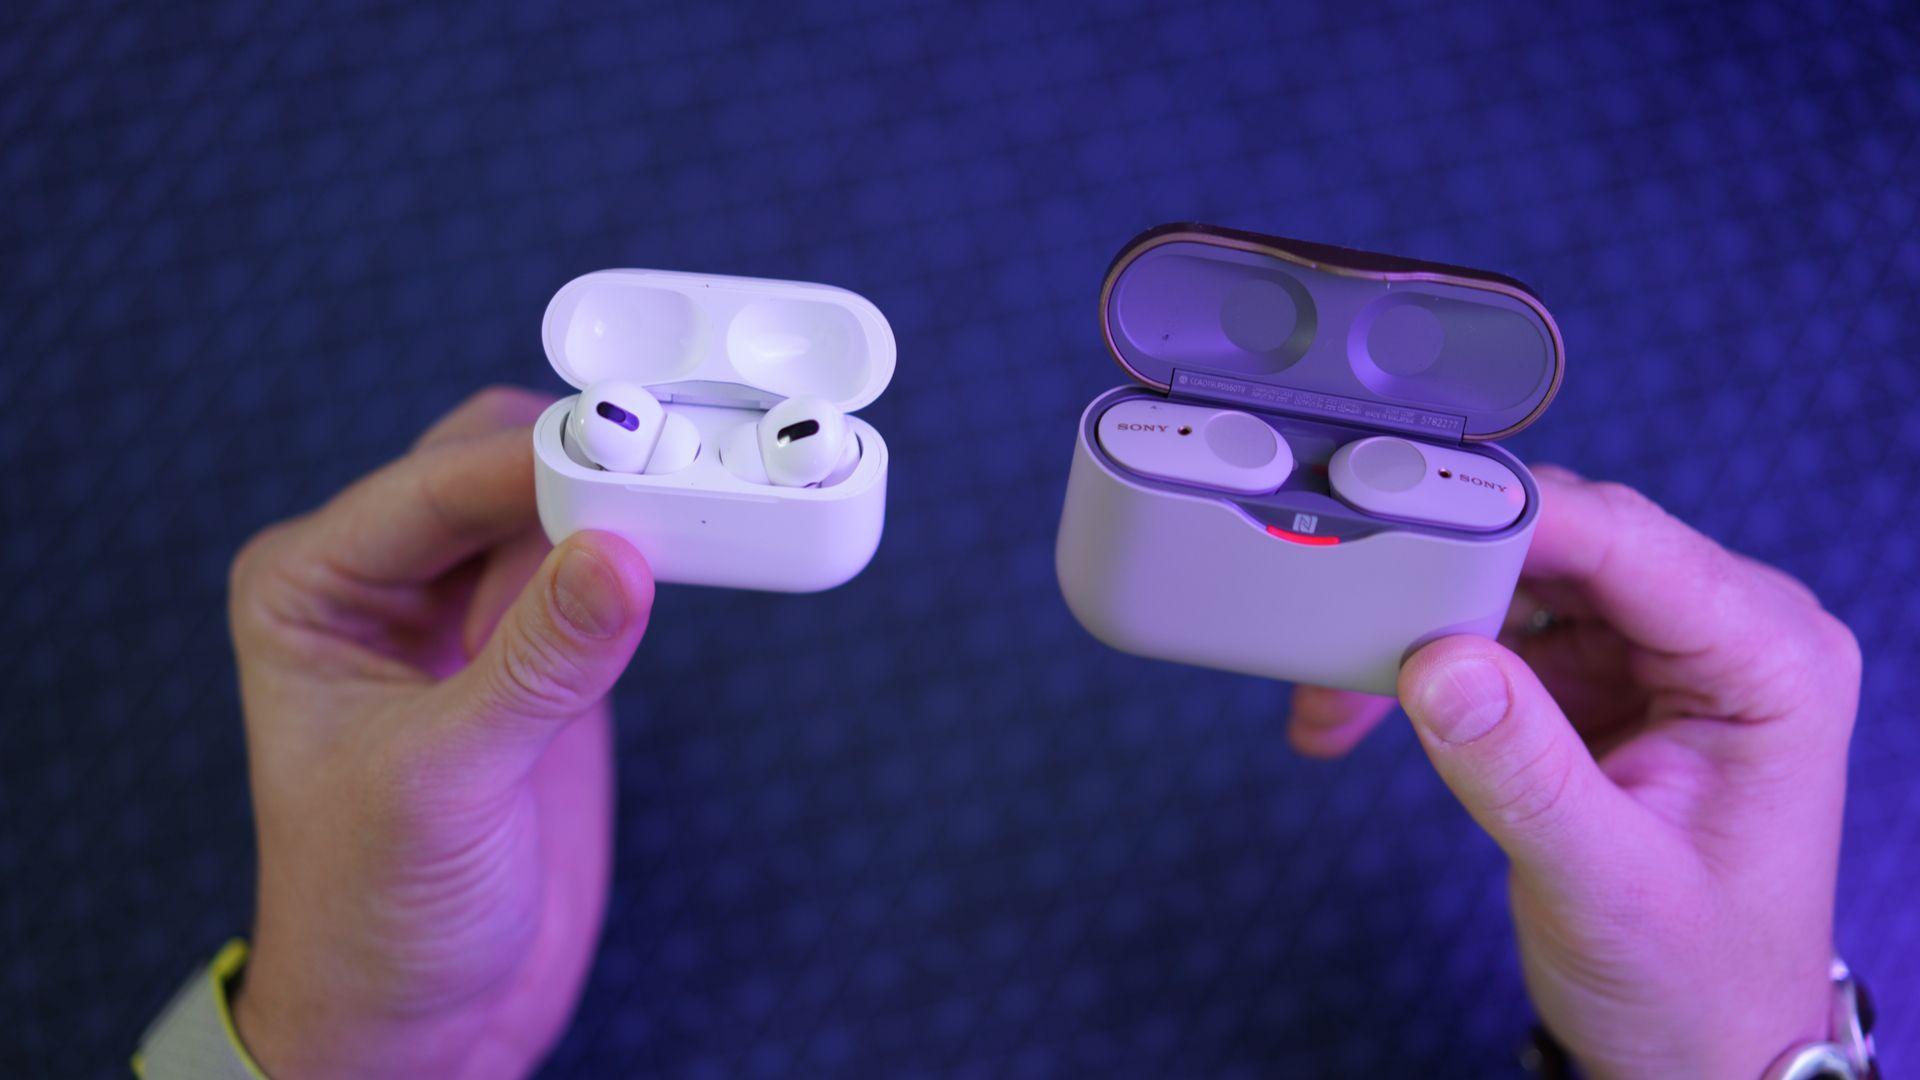 AirPods Pro e Sony WF-1000XM3 são os melhores fones de ouvido true wireless em 2020. (Imagem: Mr.Mikla/Shutterstock)